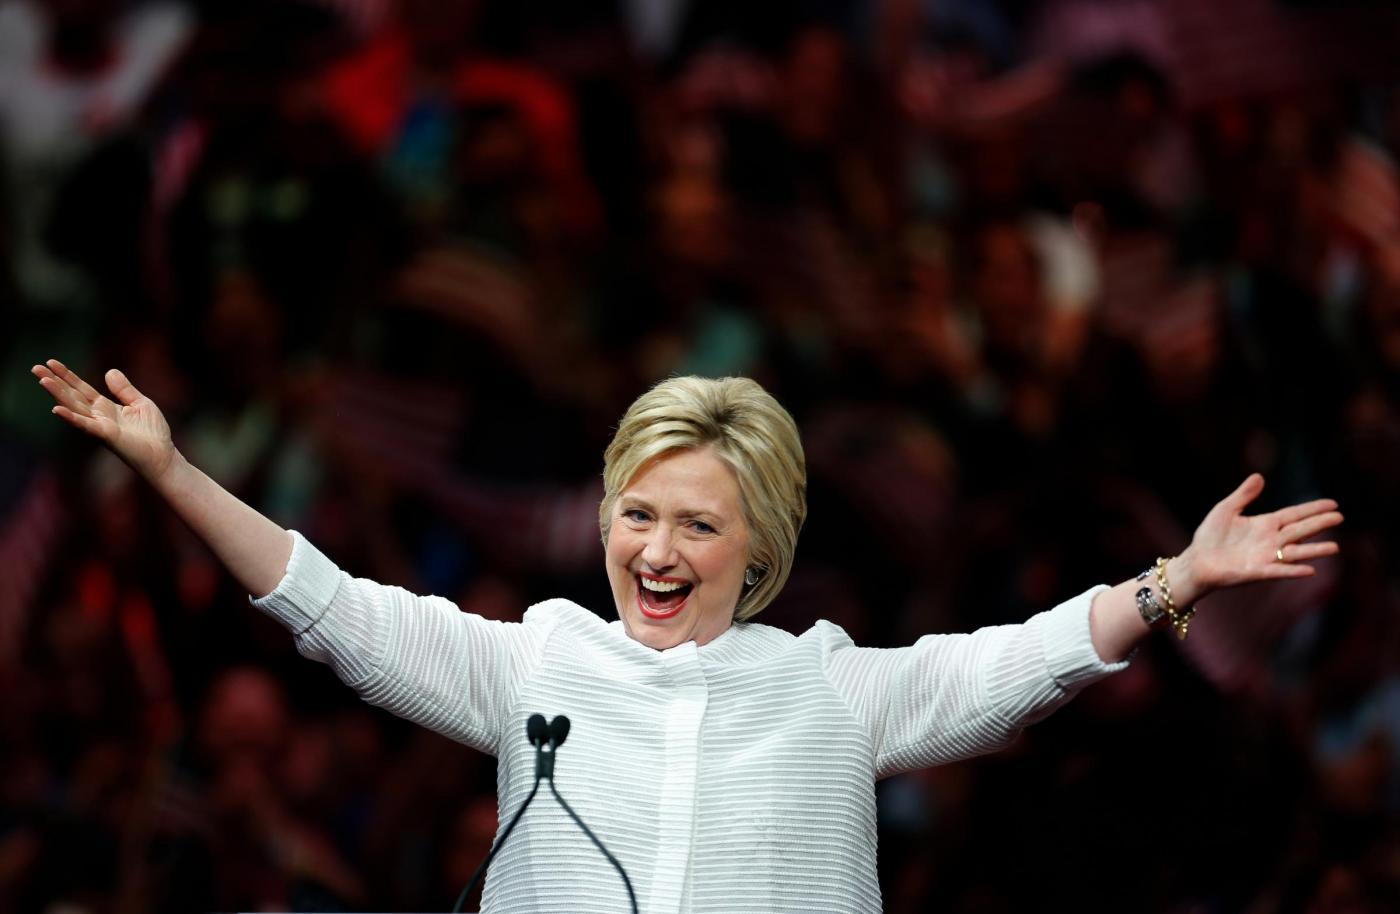 Hillary Clinton annuncia la nomination come candidata alle presidenziali per i democratici